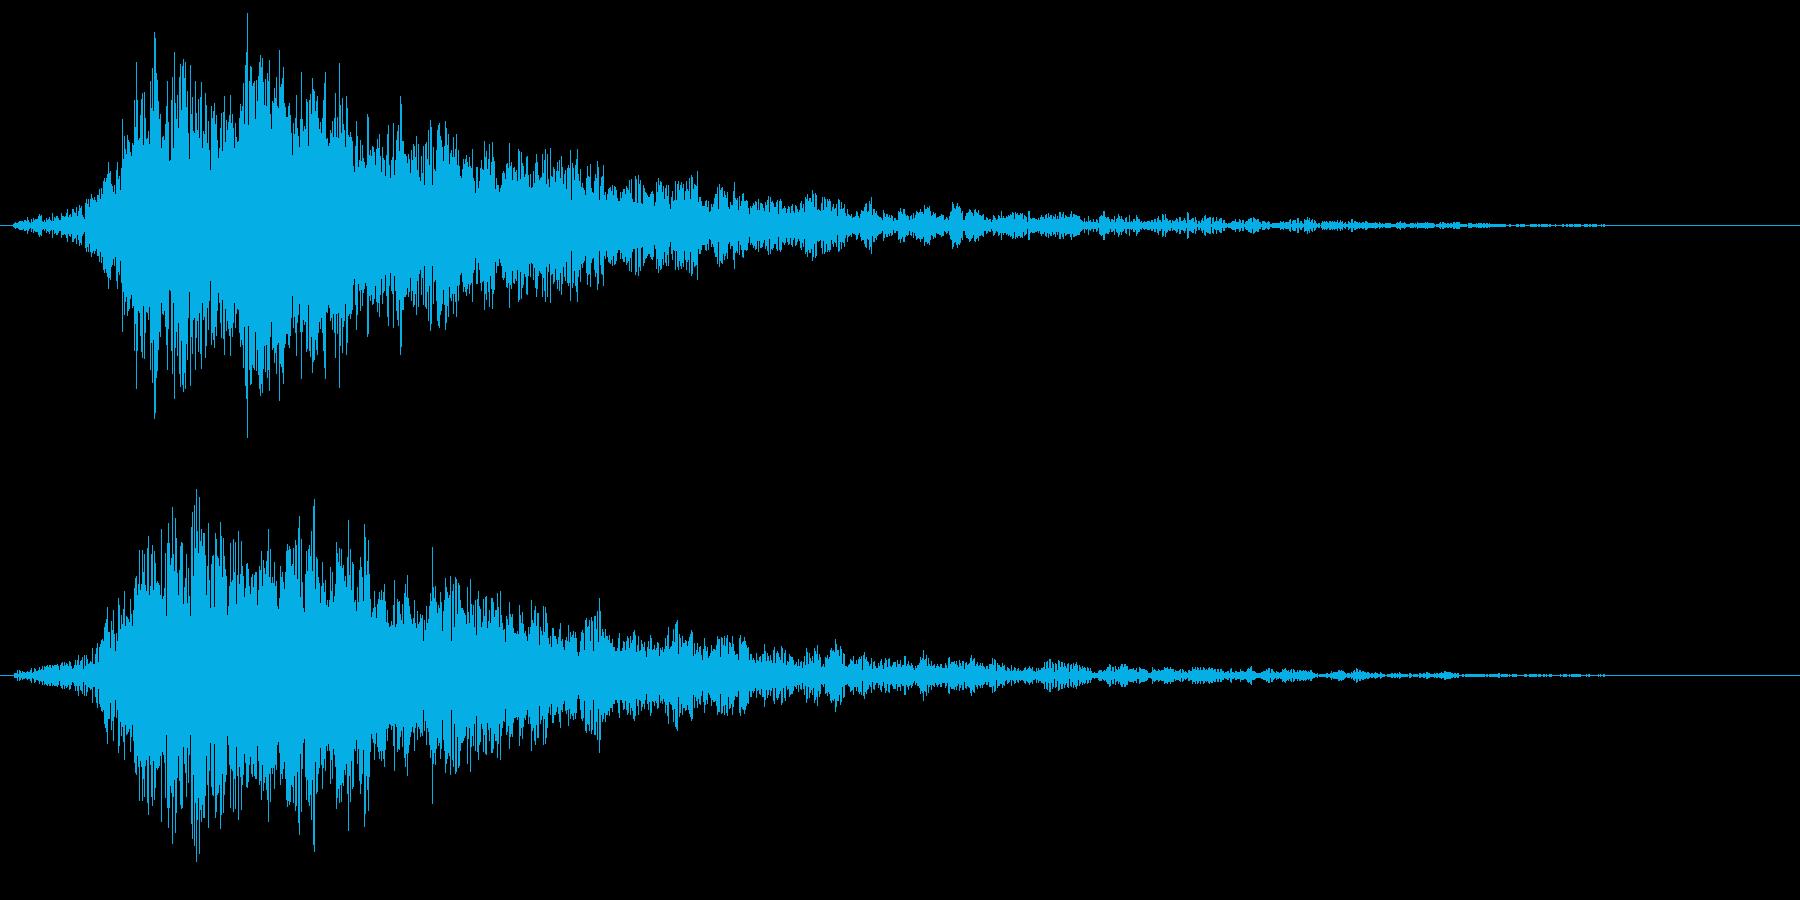 ☆キラキラと光る輝きのインパクト音☆02の再生済みの波形